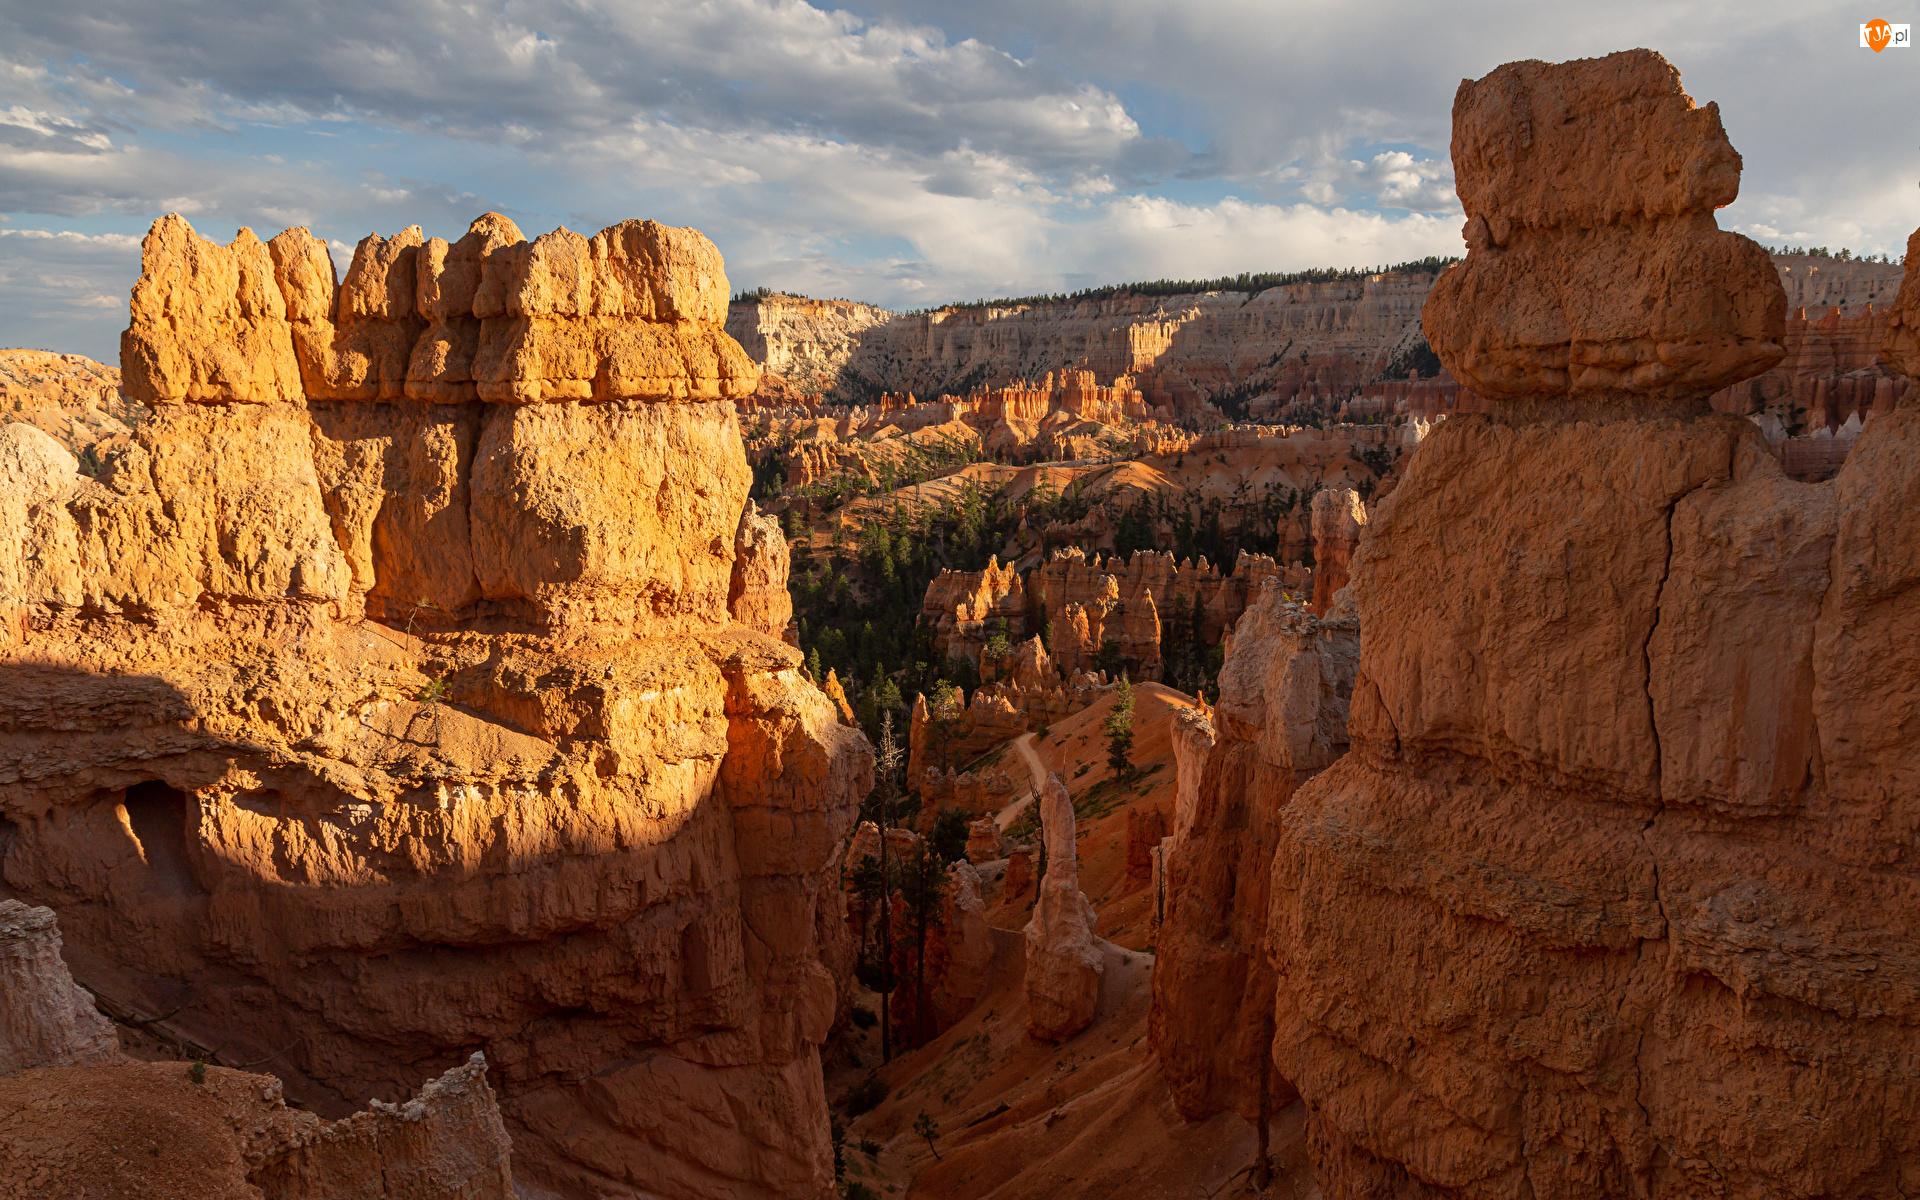 Kanion, Stany Zjednoczone, Skały wapienne, Park Narodowy Bryce Canyon, Stan Utah